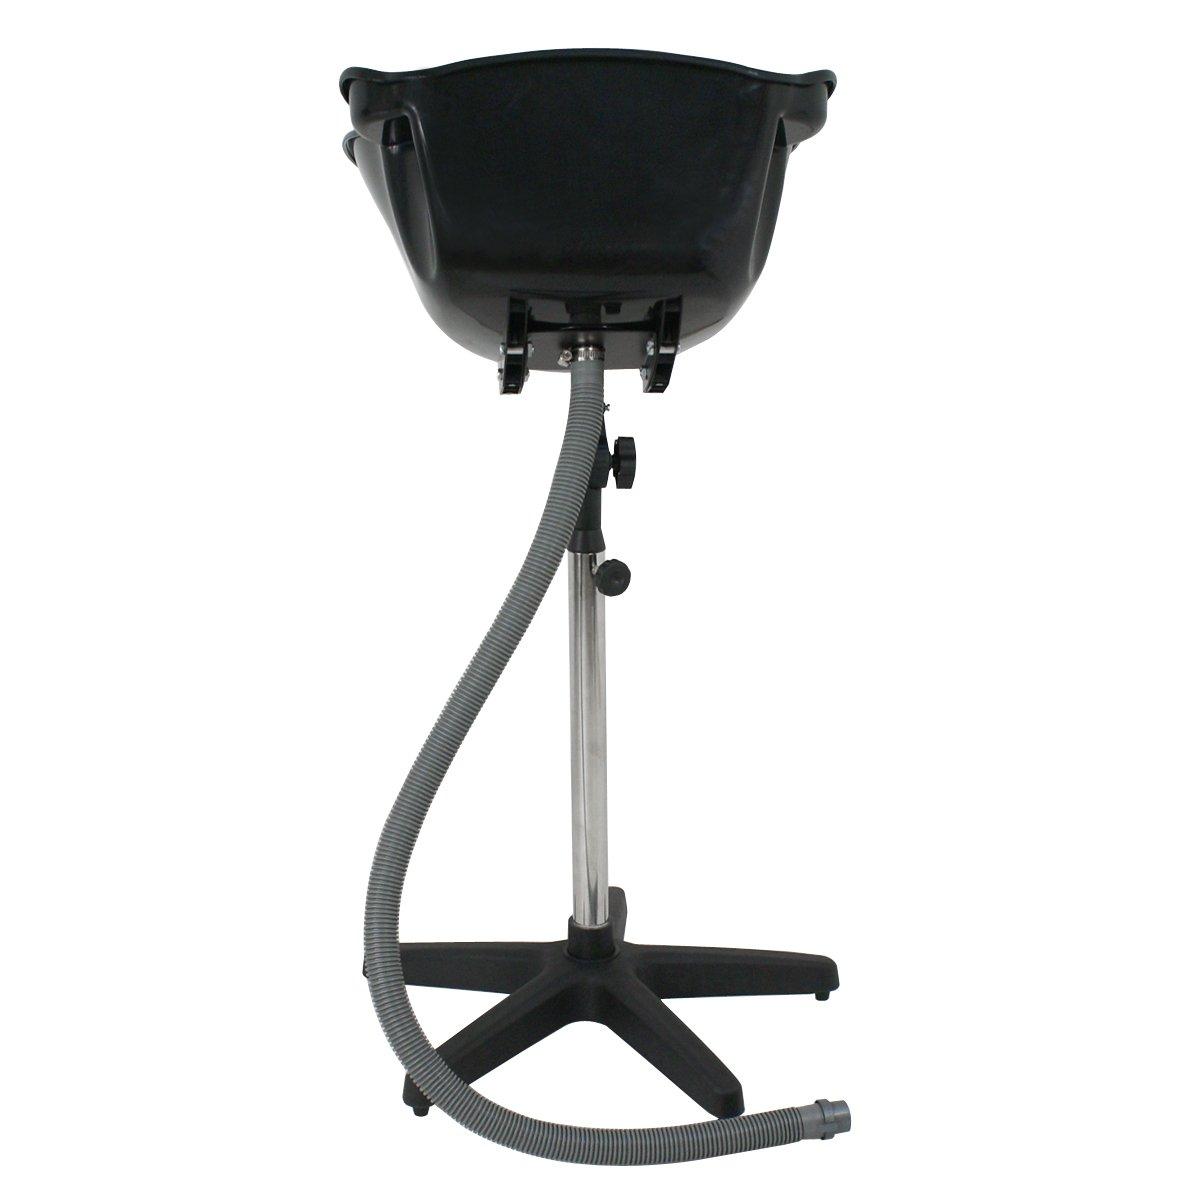 HomGarden Adjustable Height Portable Salon Deep Basin Shampoo Sink with Drain, Hair Treatment Barber Bowl Tool Beauty Salon Equipment